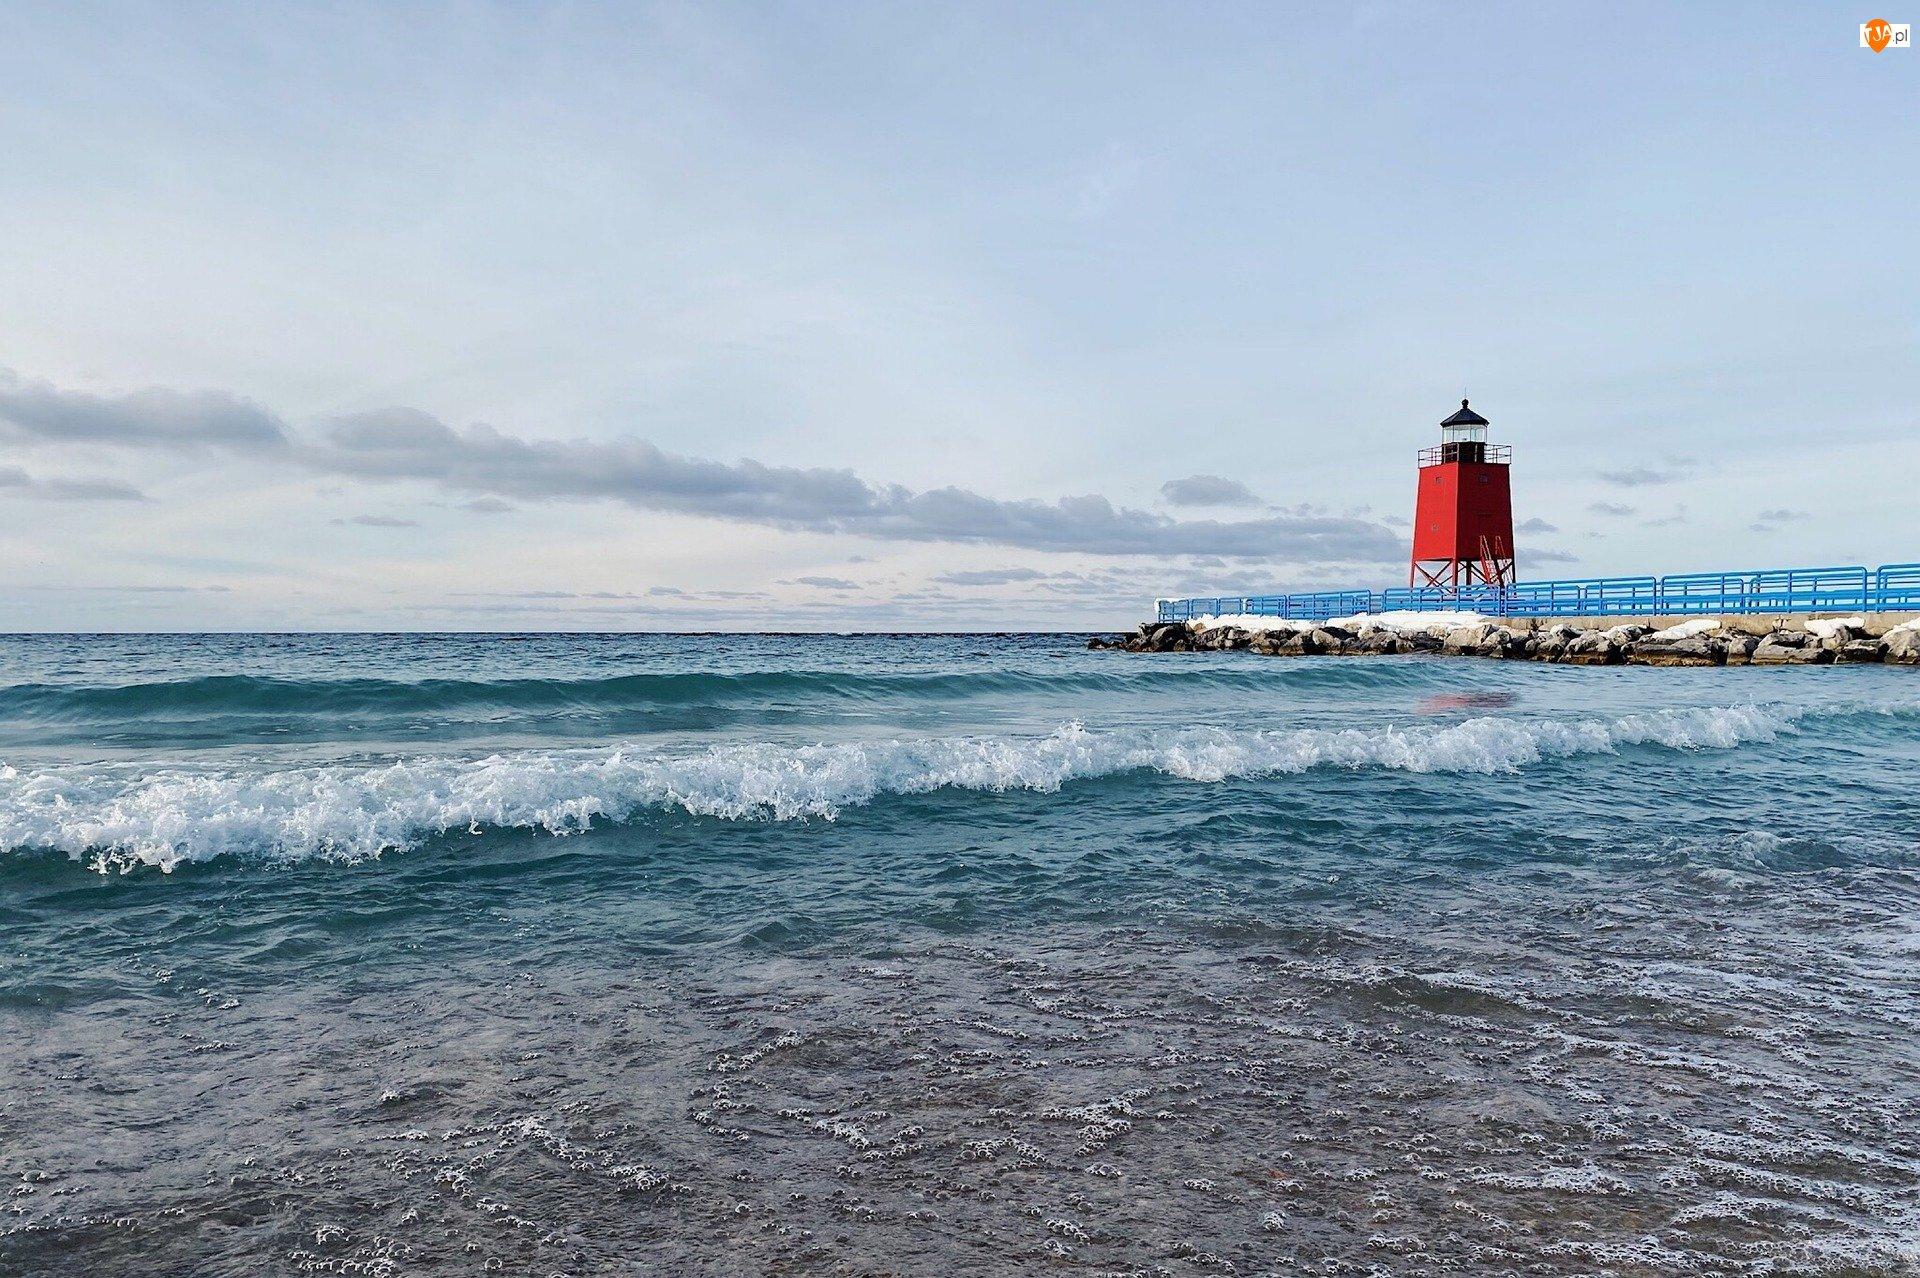 Stany Zjednoczone, Latarnia morska, Jezioro Lake Michigan